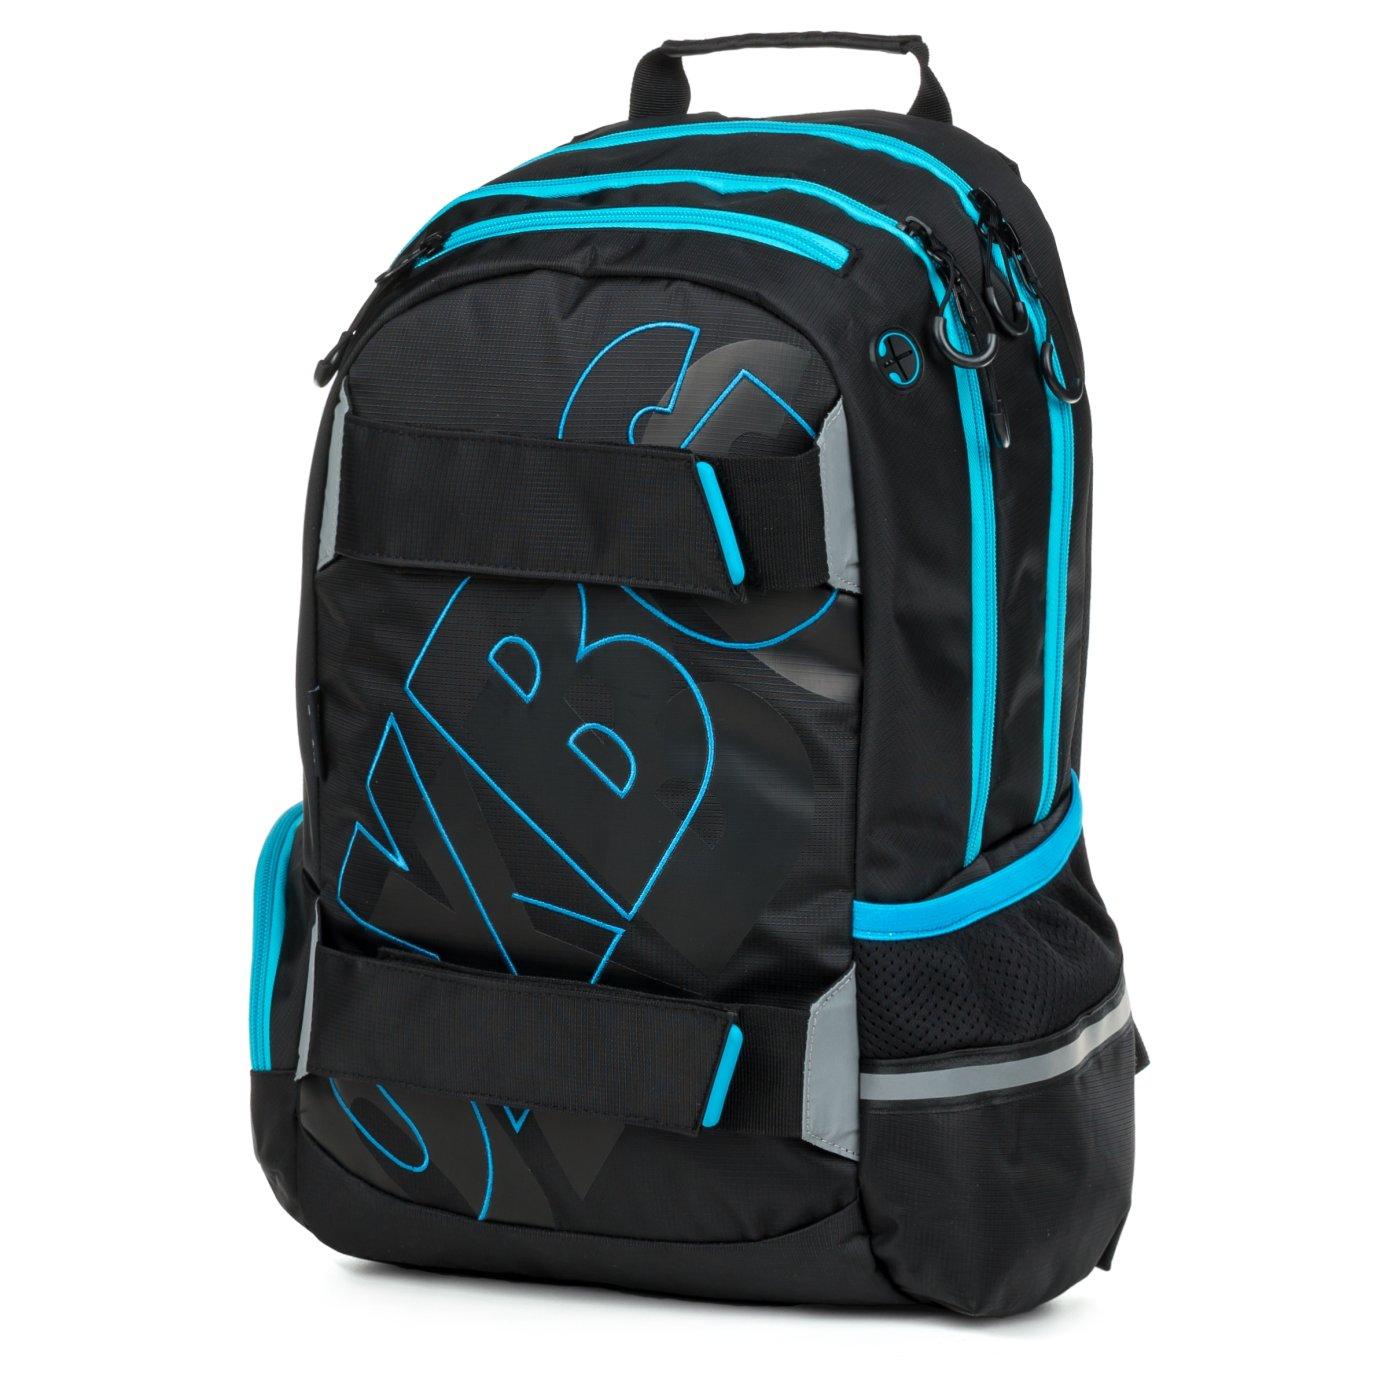 ... Školní potřeby · OXY STUDENTSKÉ BATOHY A DOPLŇKY · OXY SPORT ·  Studentský batoh OXY Sport BLACK LINE blue Bez licence · Image e56742702a